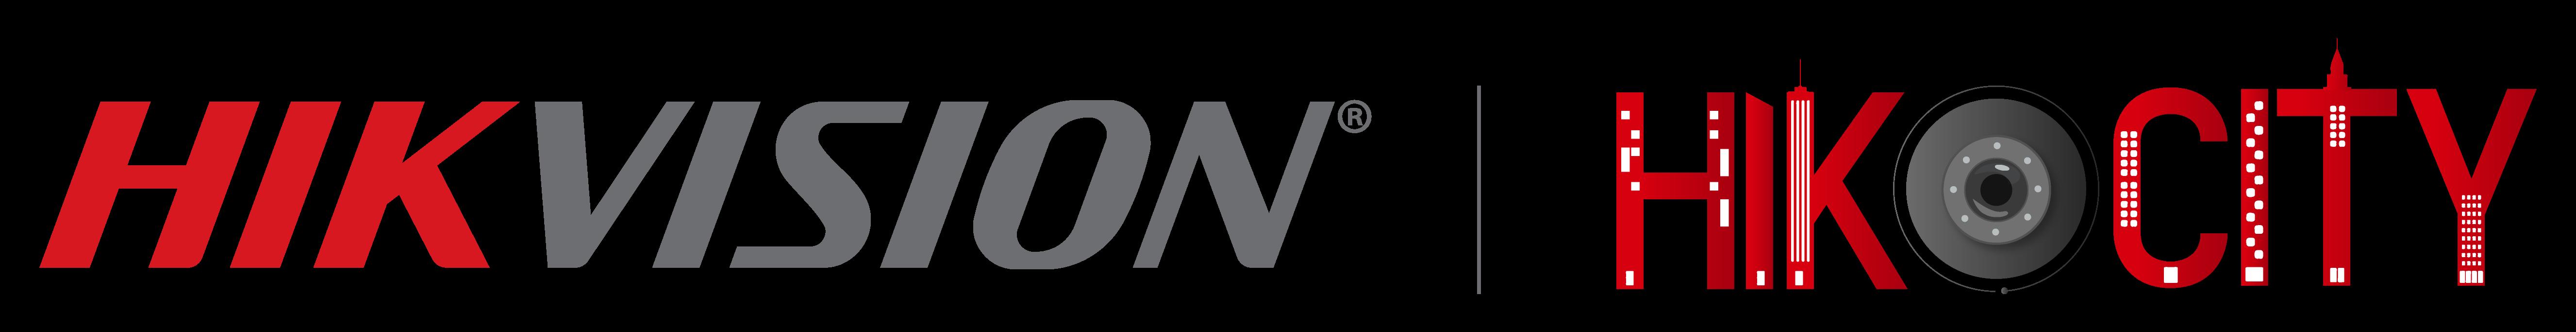 Logo-Hikvision-Hikcity-2